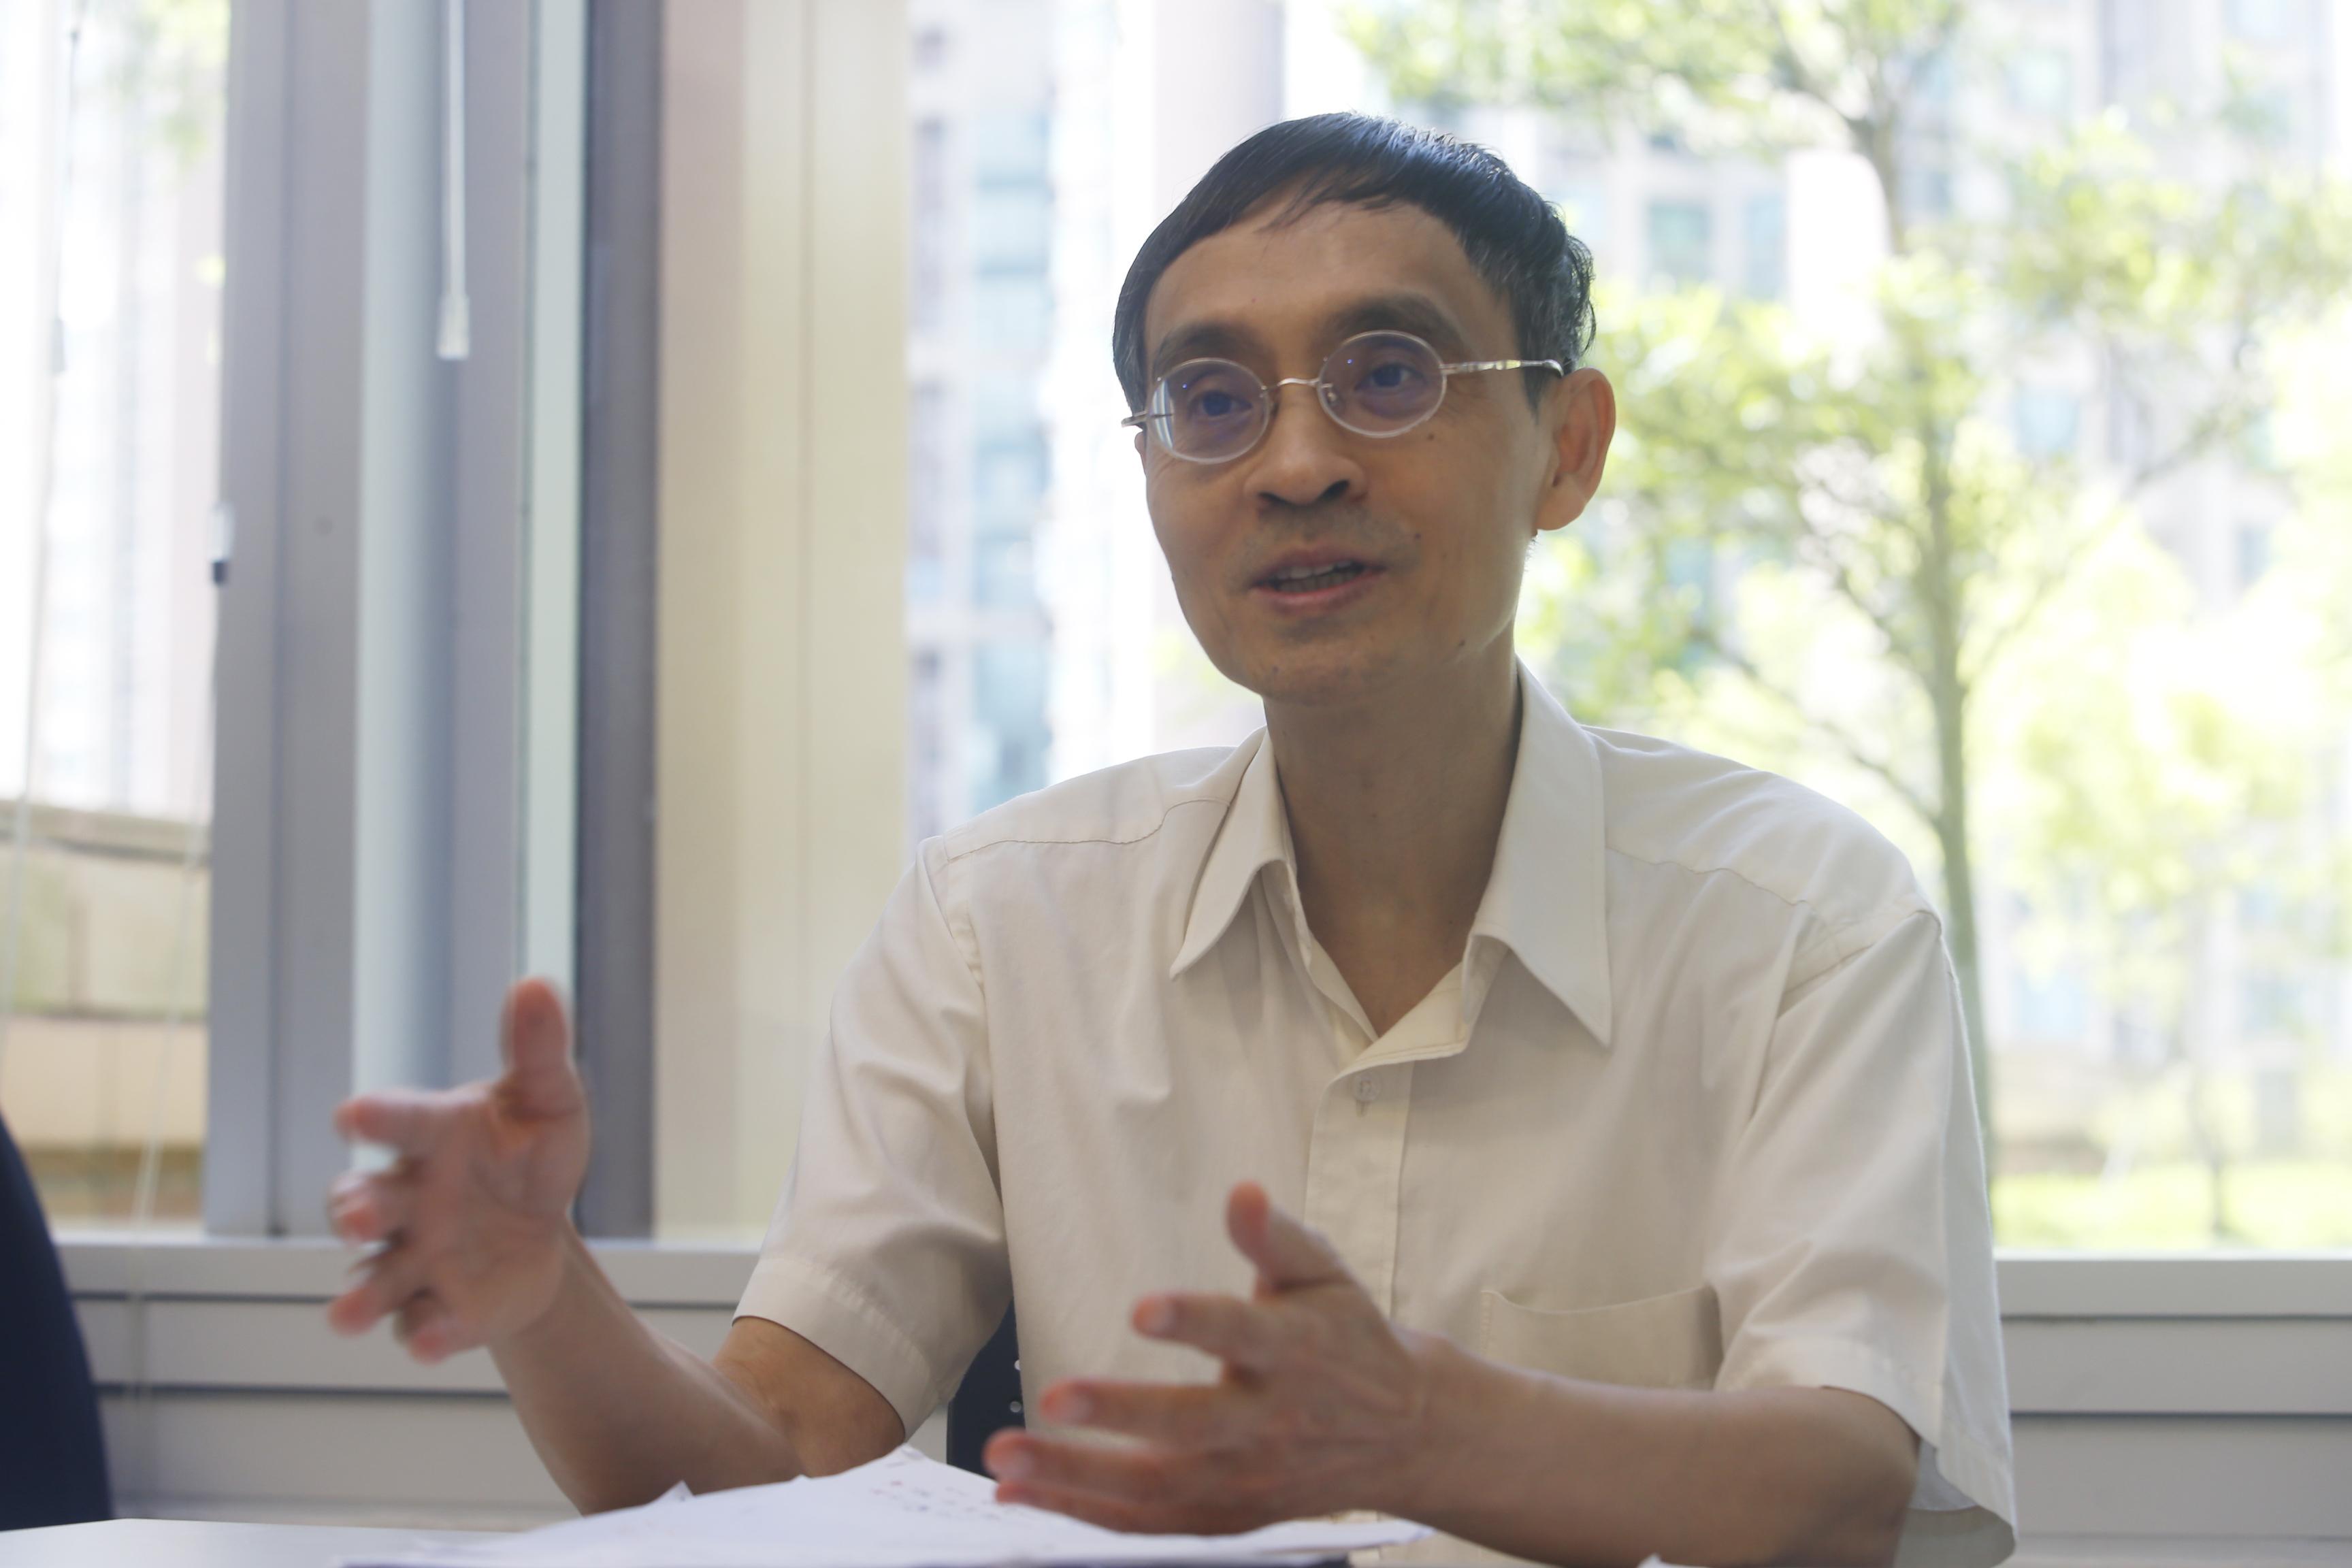 陳弘毅表示,押後選舉理由充分,也是在平衡各方面因素後的正確決定(資料圖片)